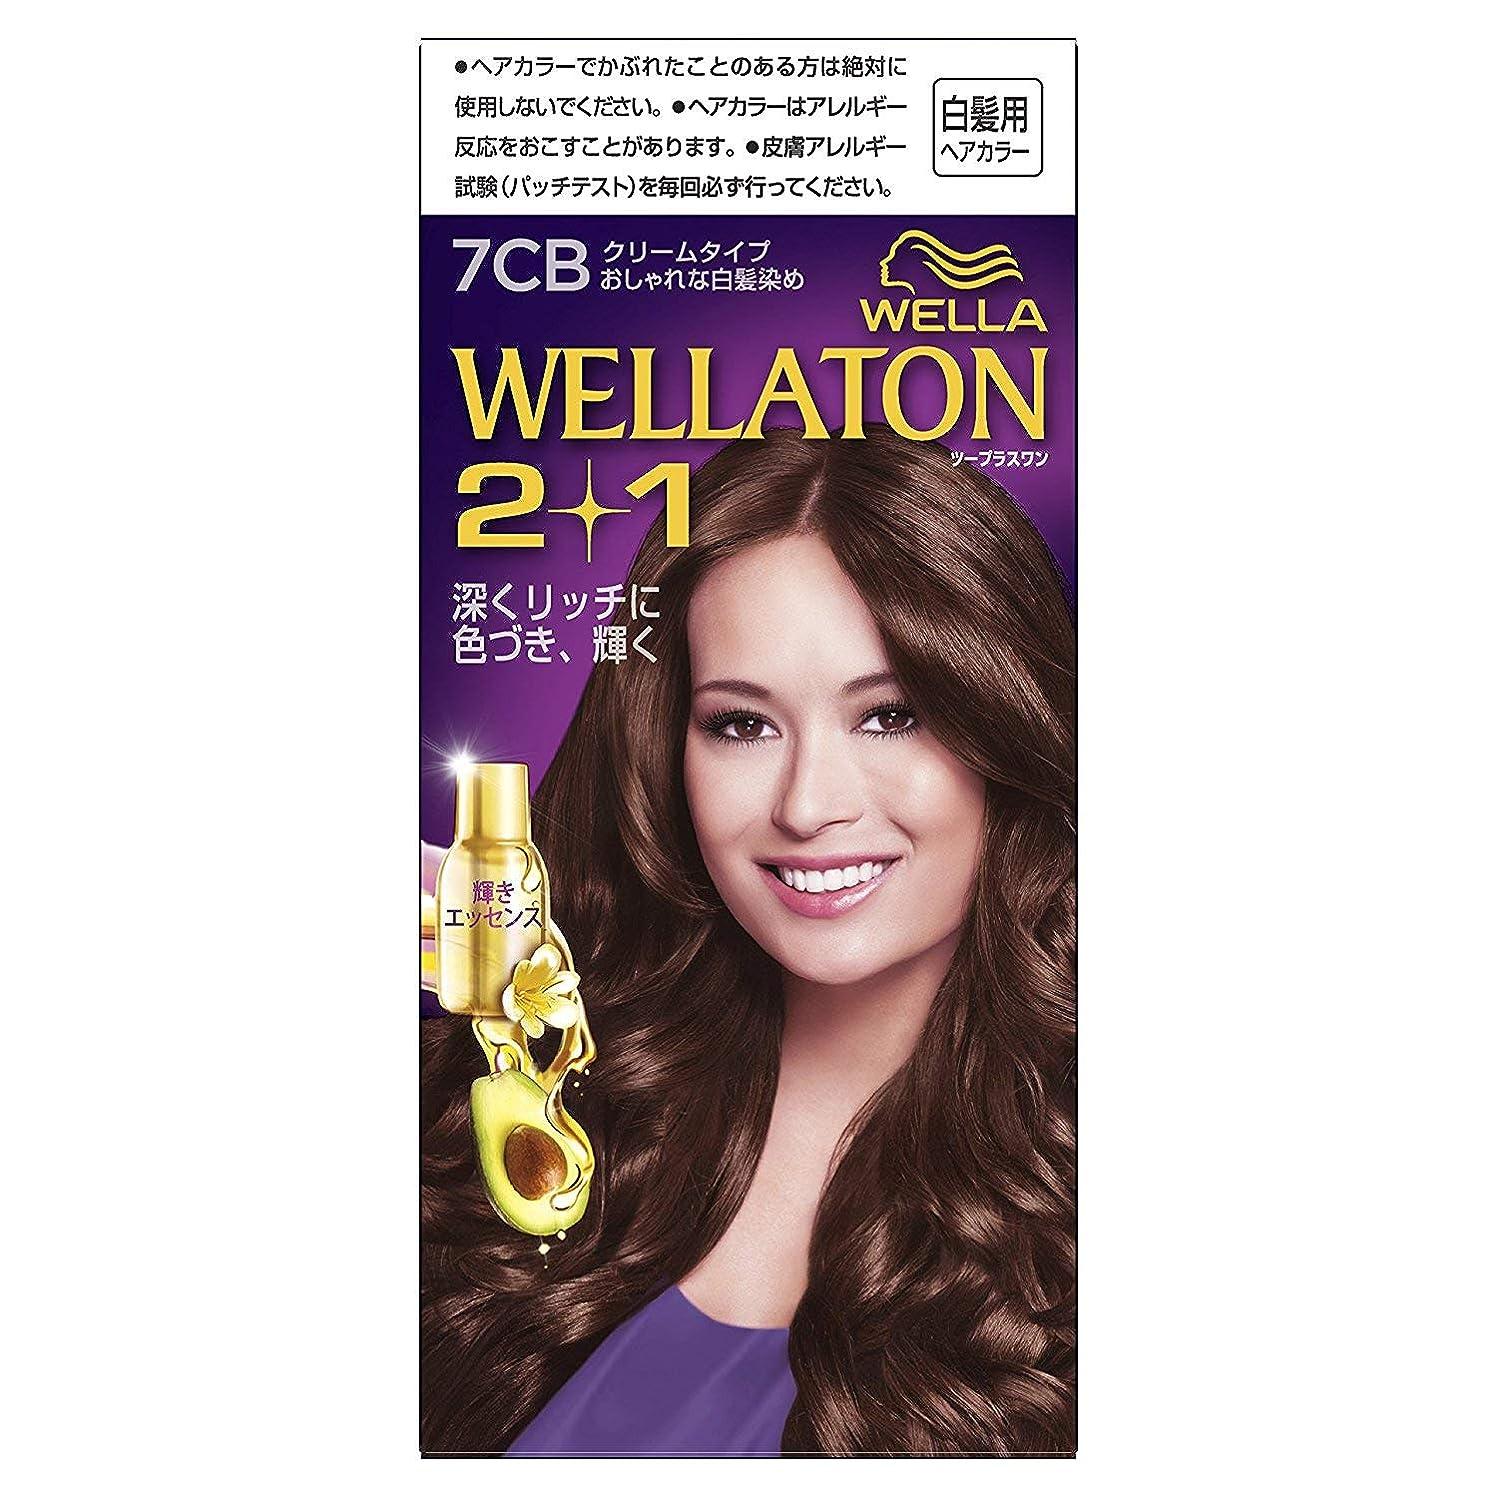 国籍順応性のある閉じるウエラトーン2+1 白髪染め クリームタイプ 7CB [医薬部外品]×3個